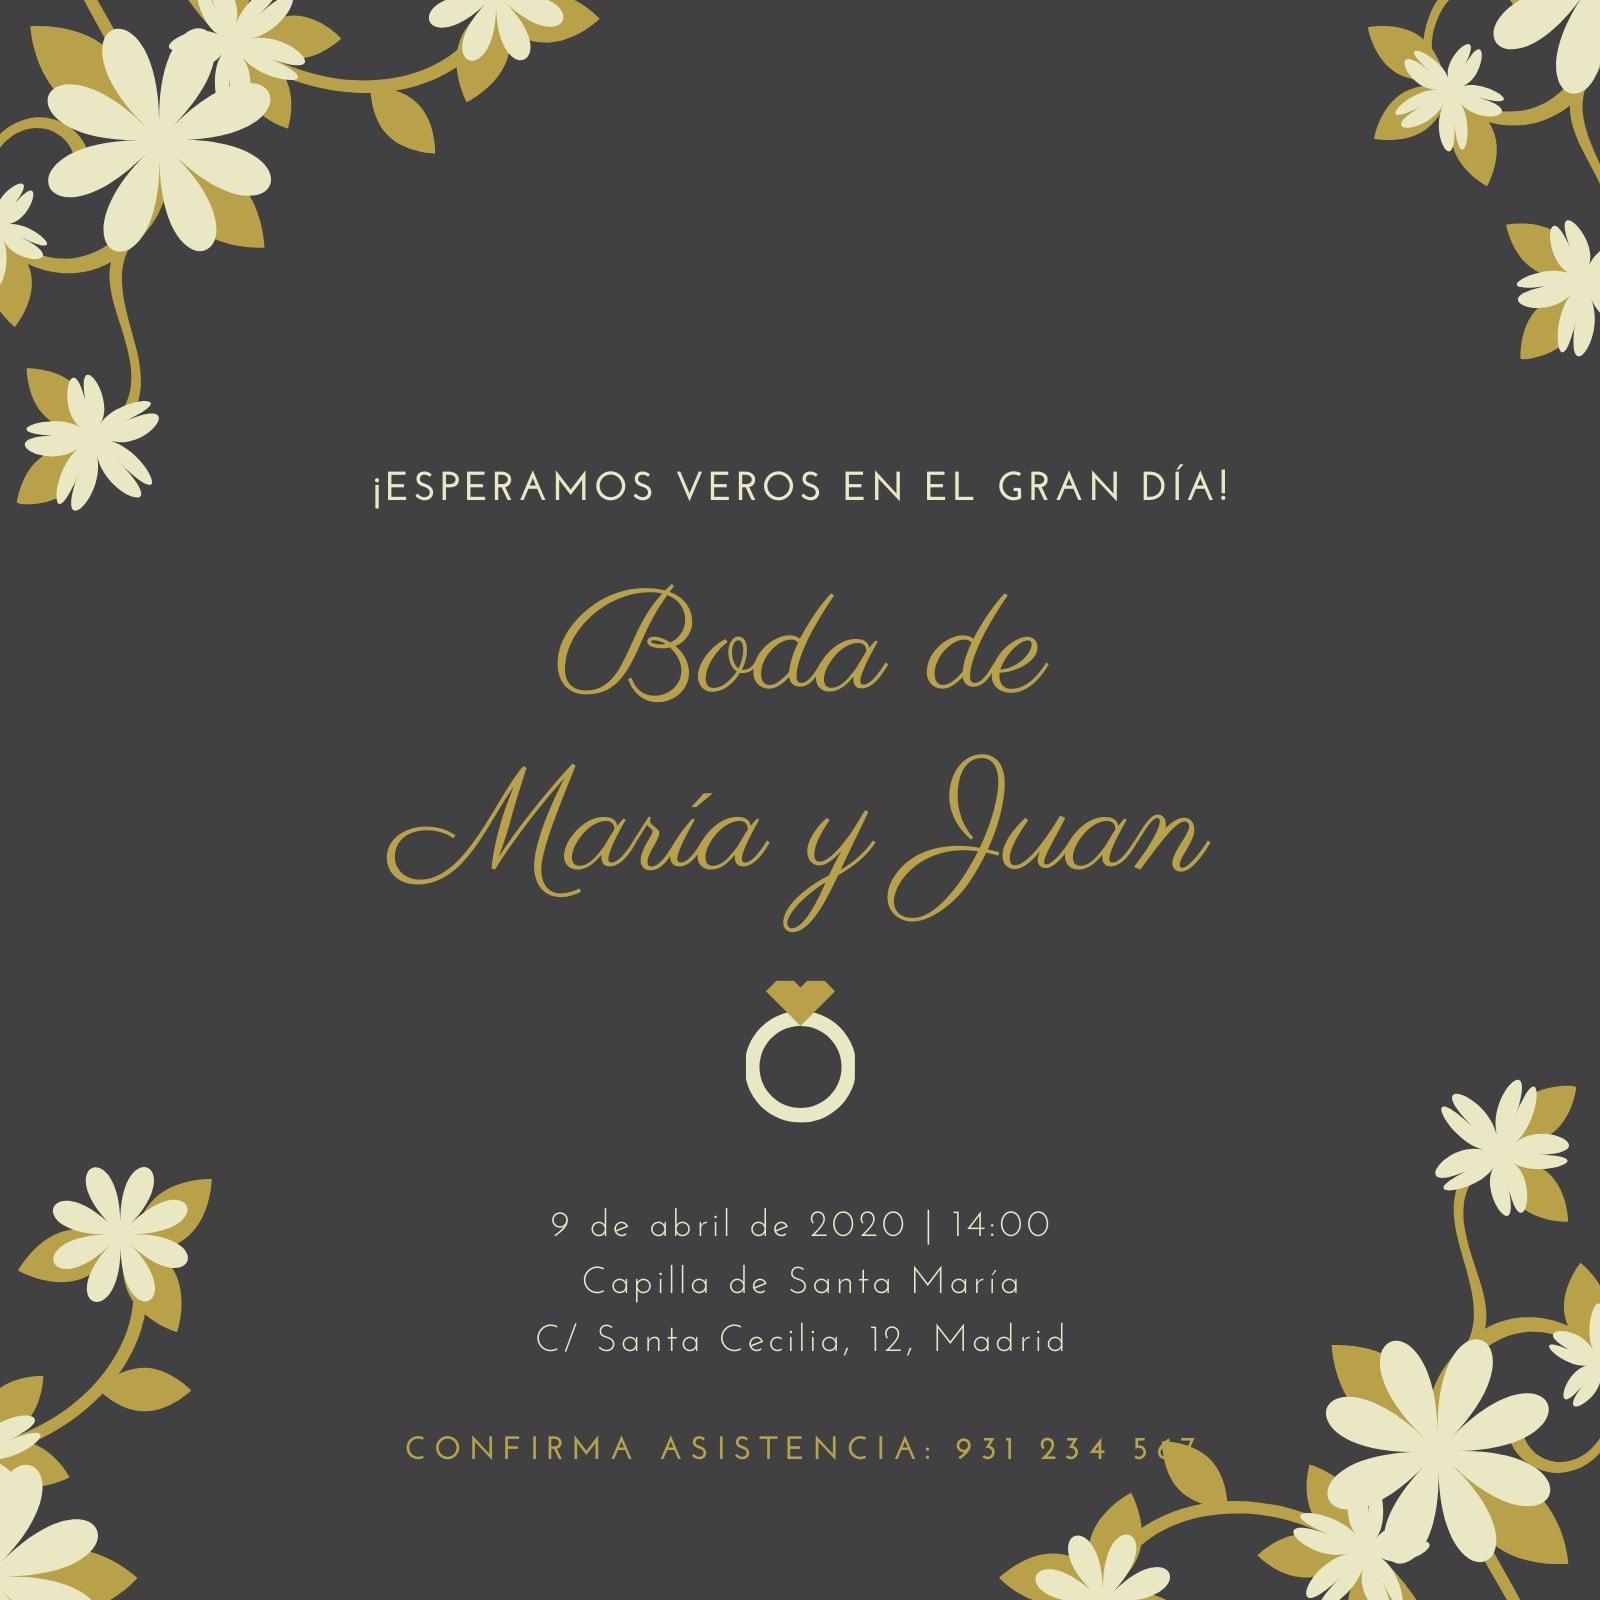 Negro Dorado Floral Anillo Alianza Apunta la Fecha Invitación